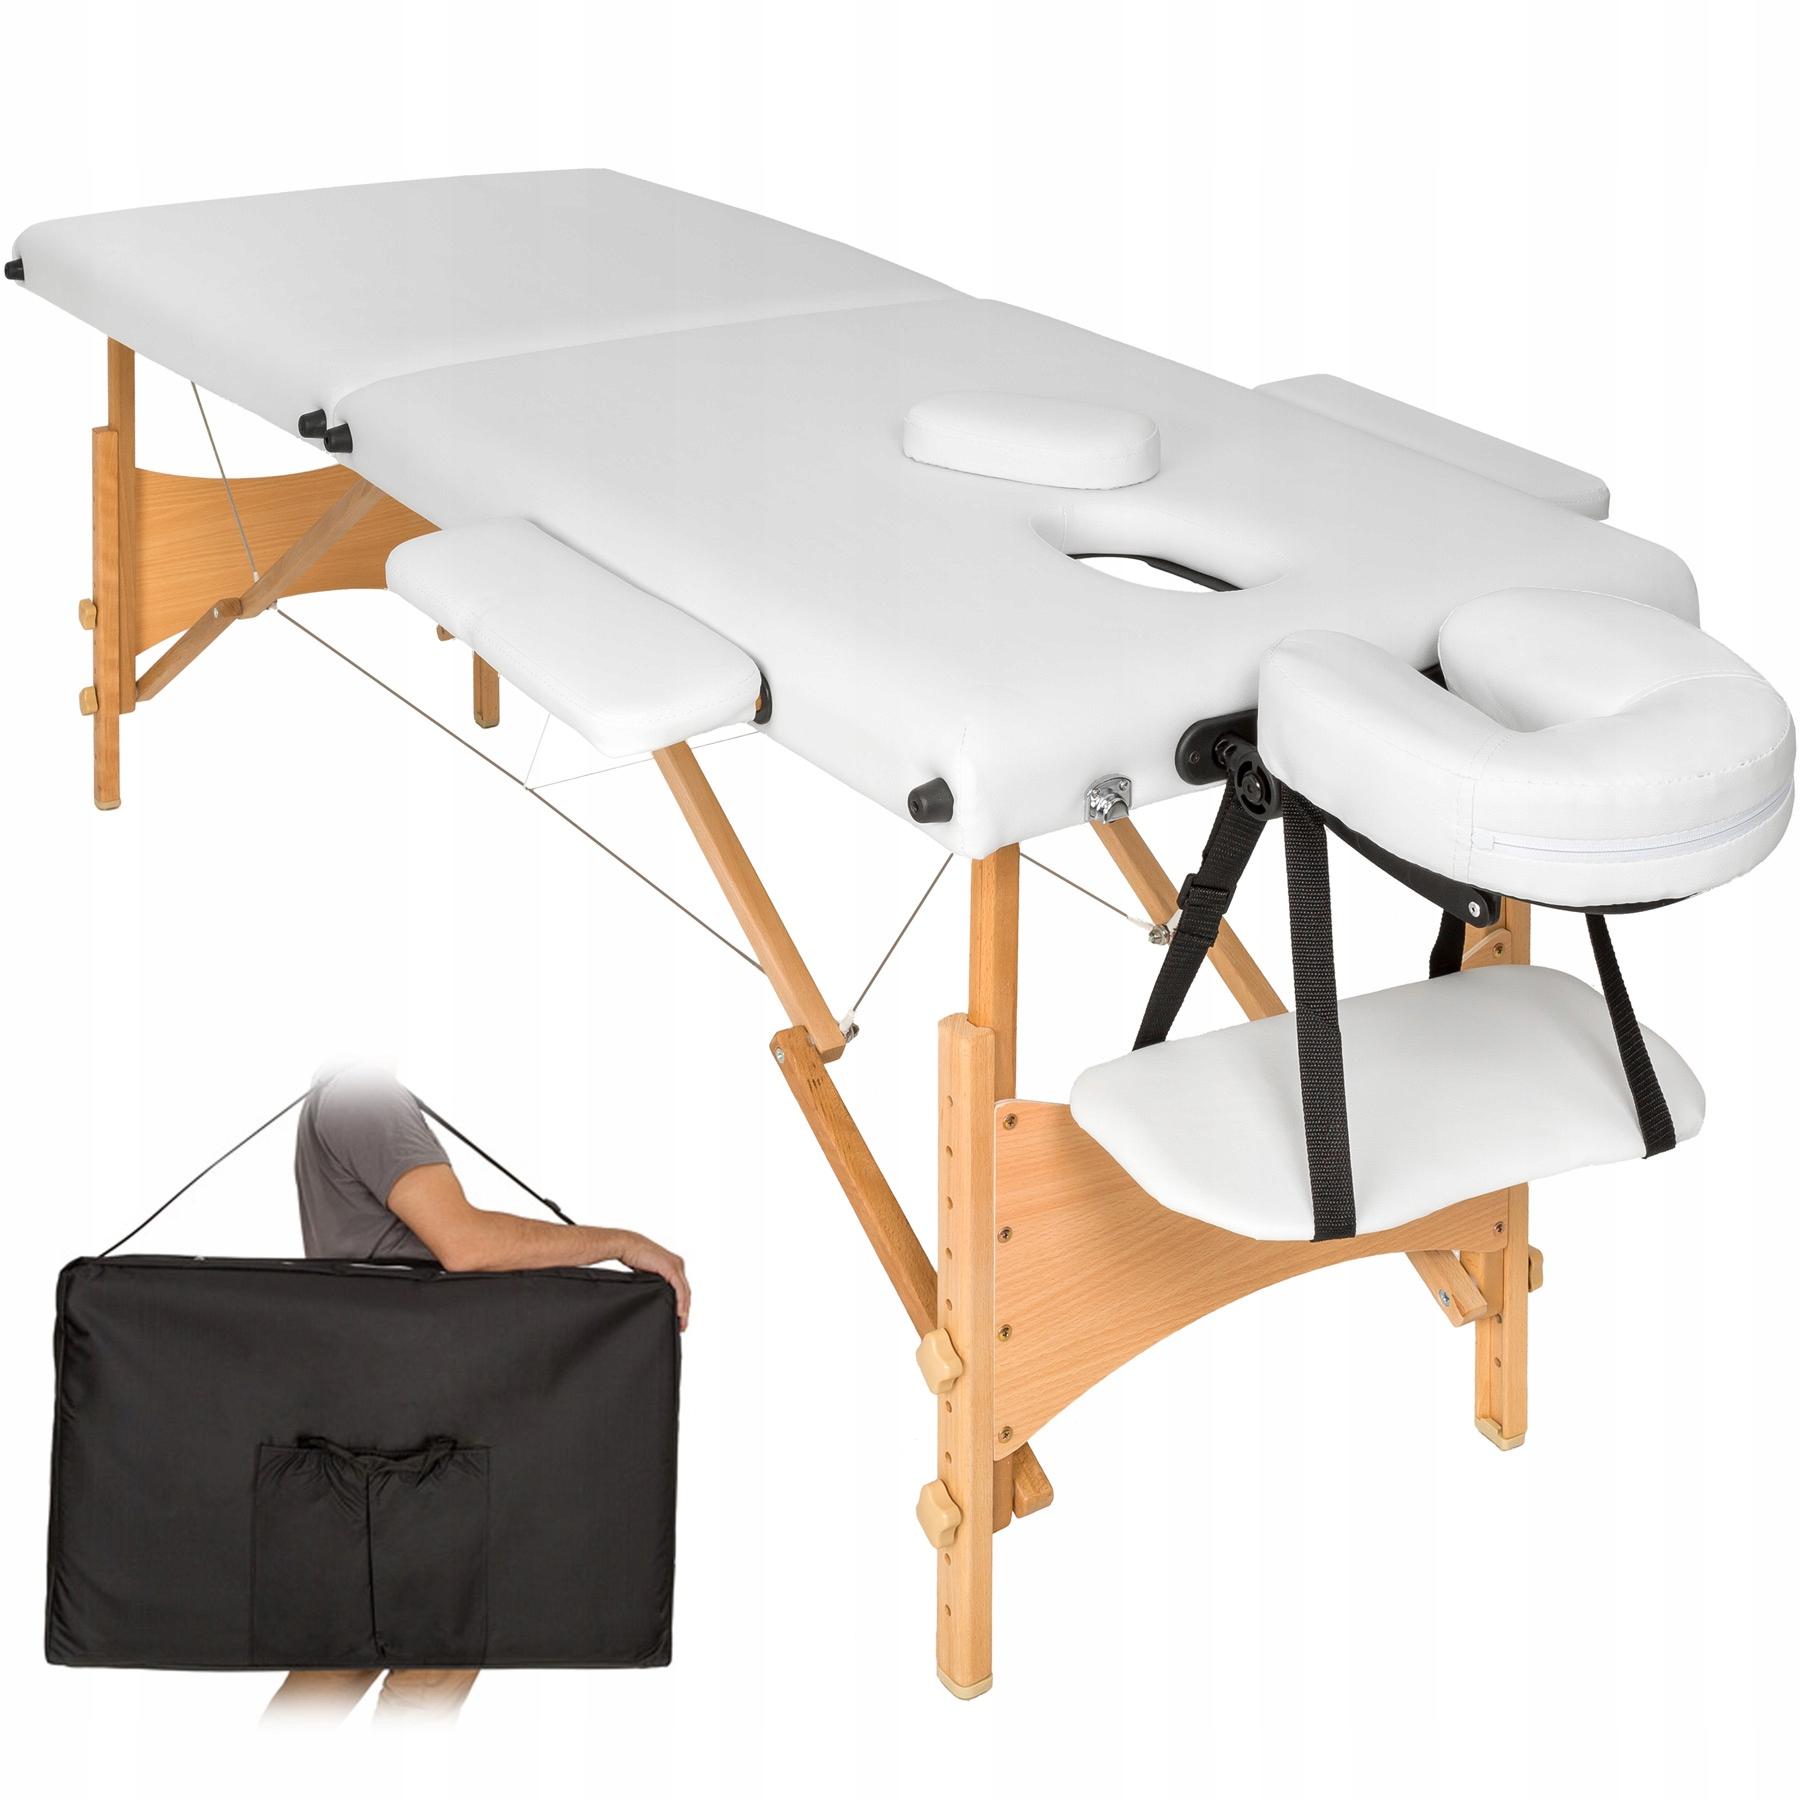 Łóżko Stół do Masażu BIAŁY 2 segmenty 401464